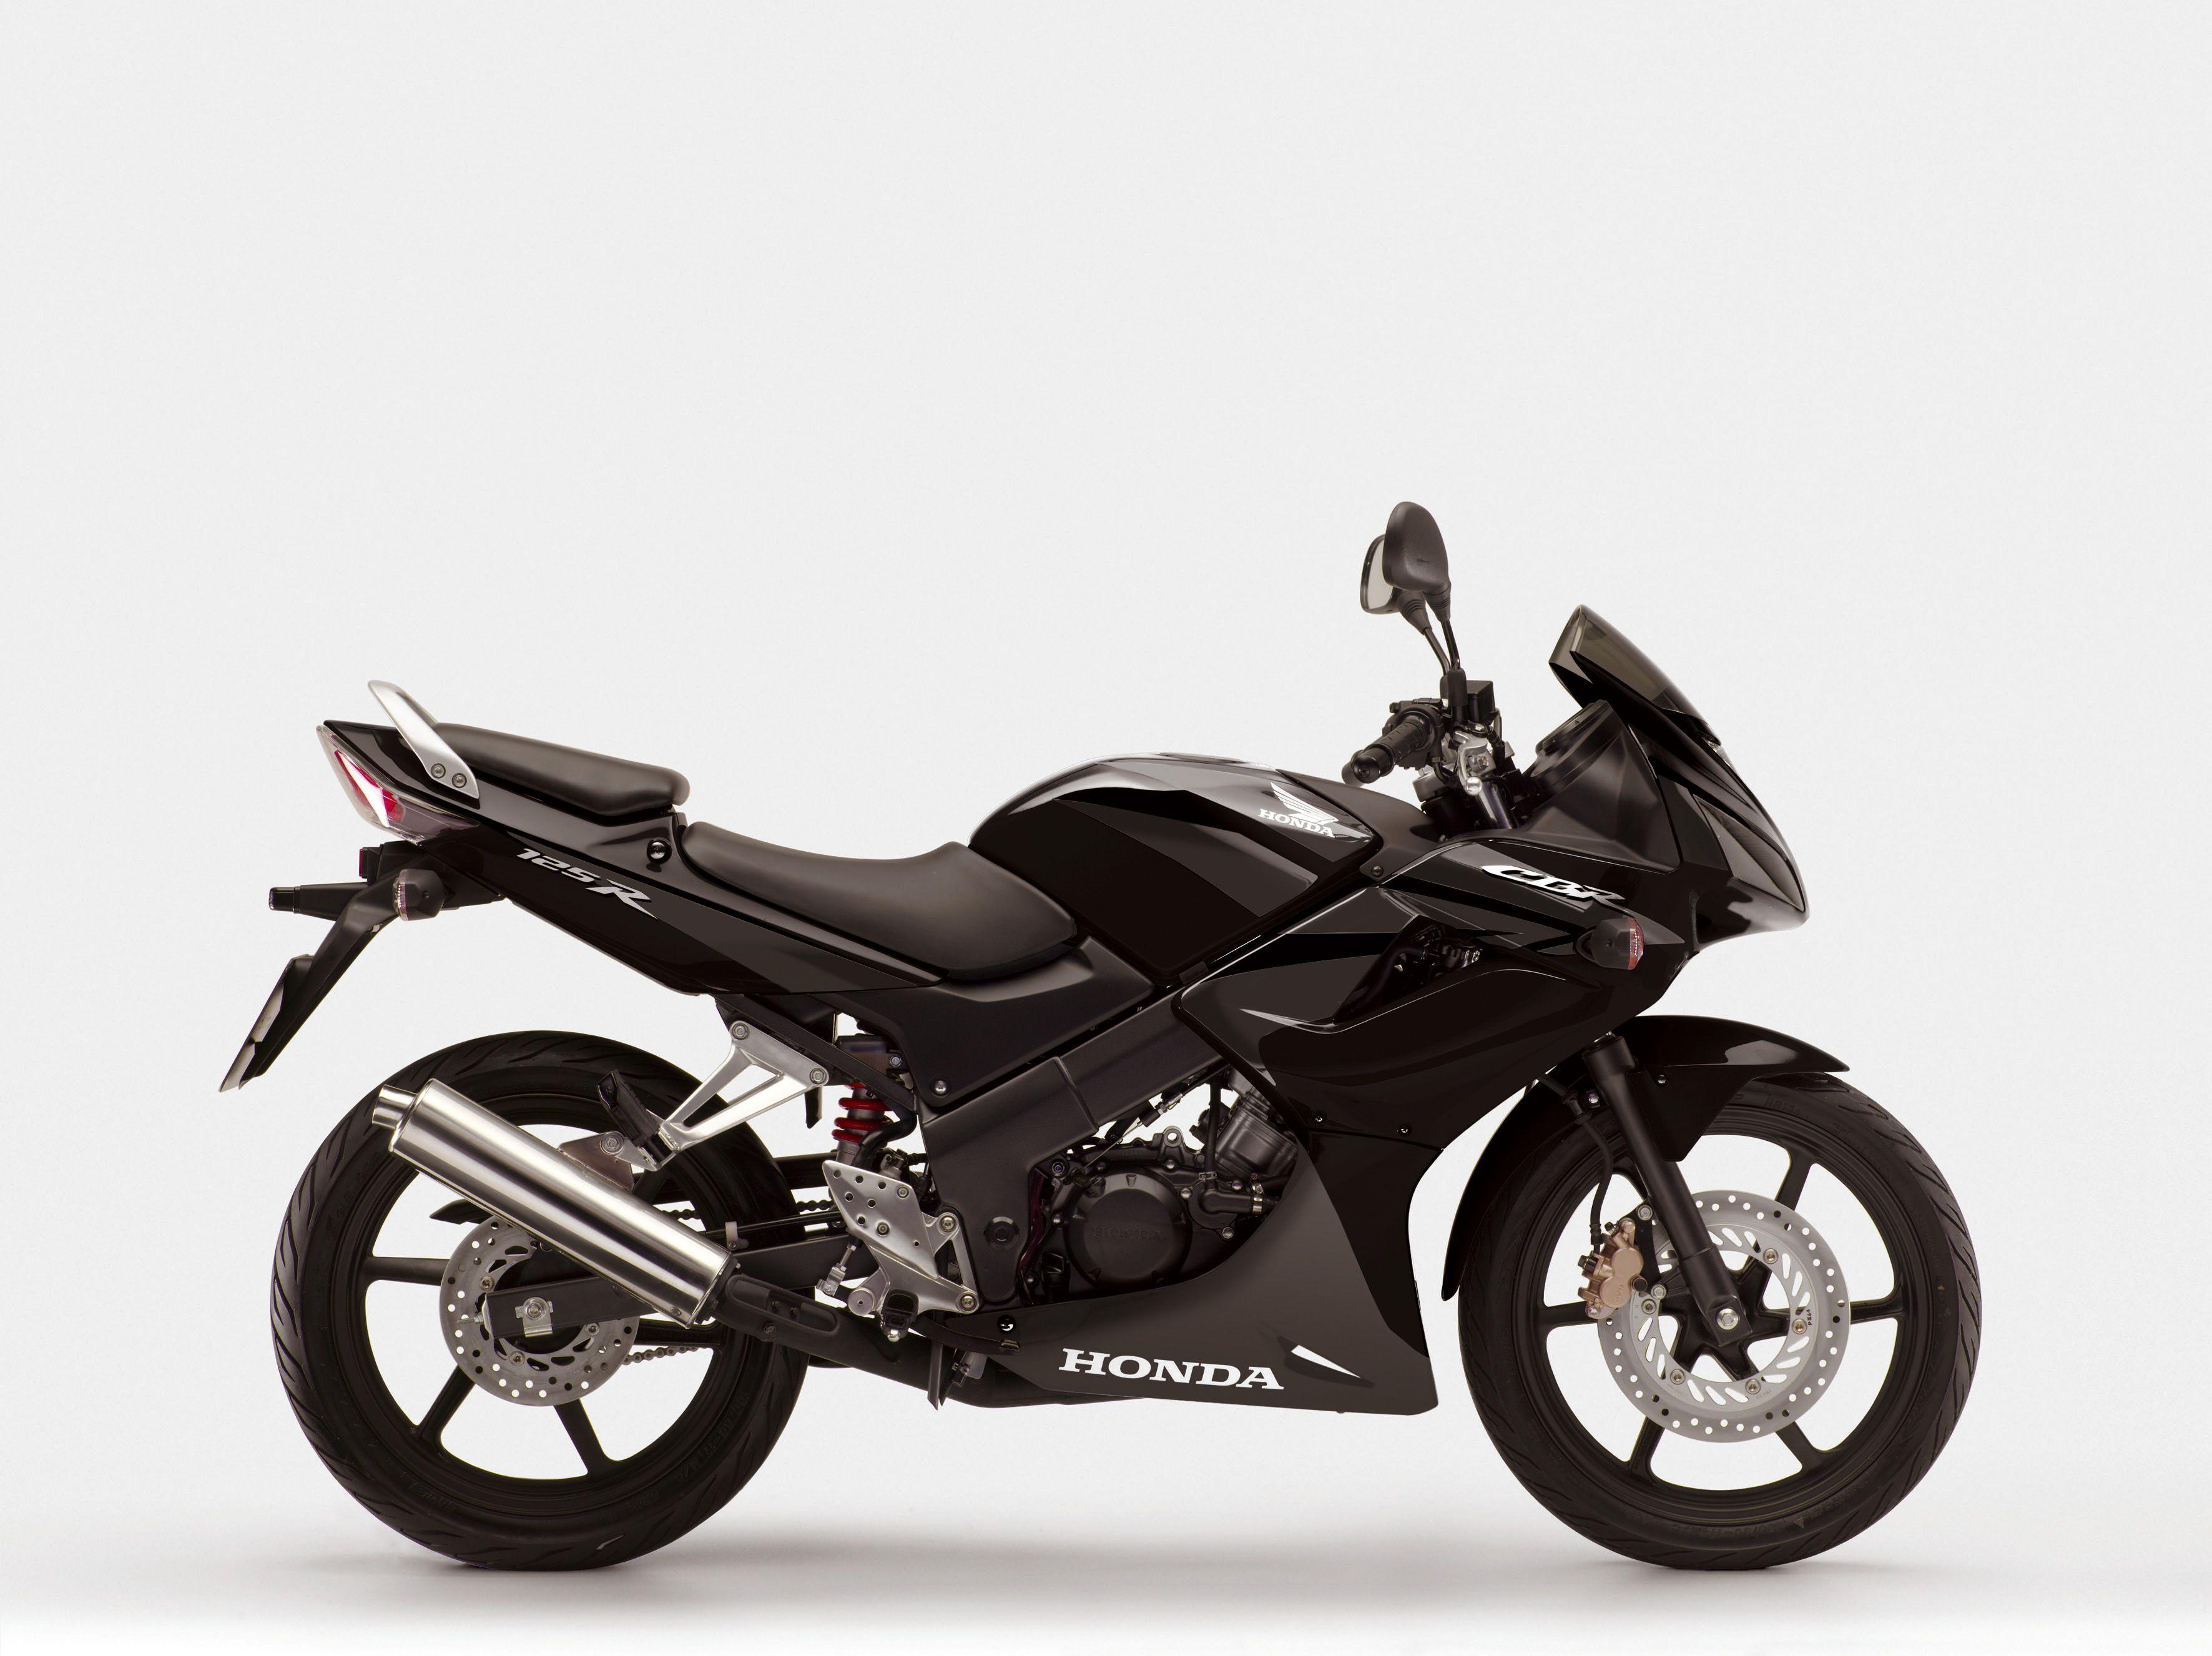 Kelebihan Honda 125 Cbr Spesifikasi